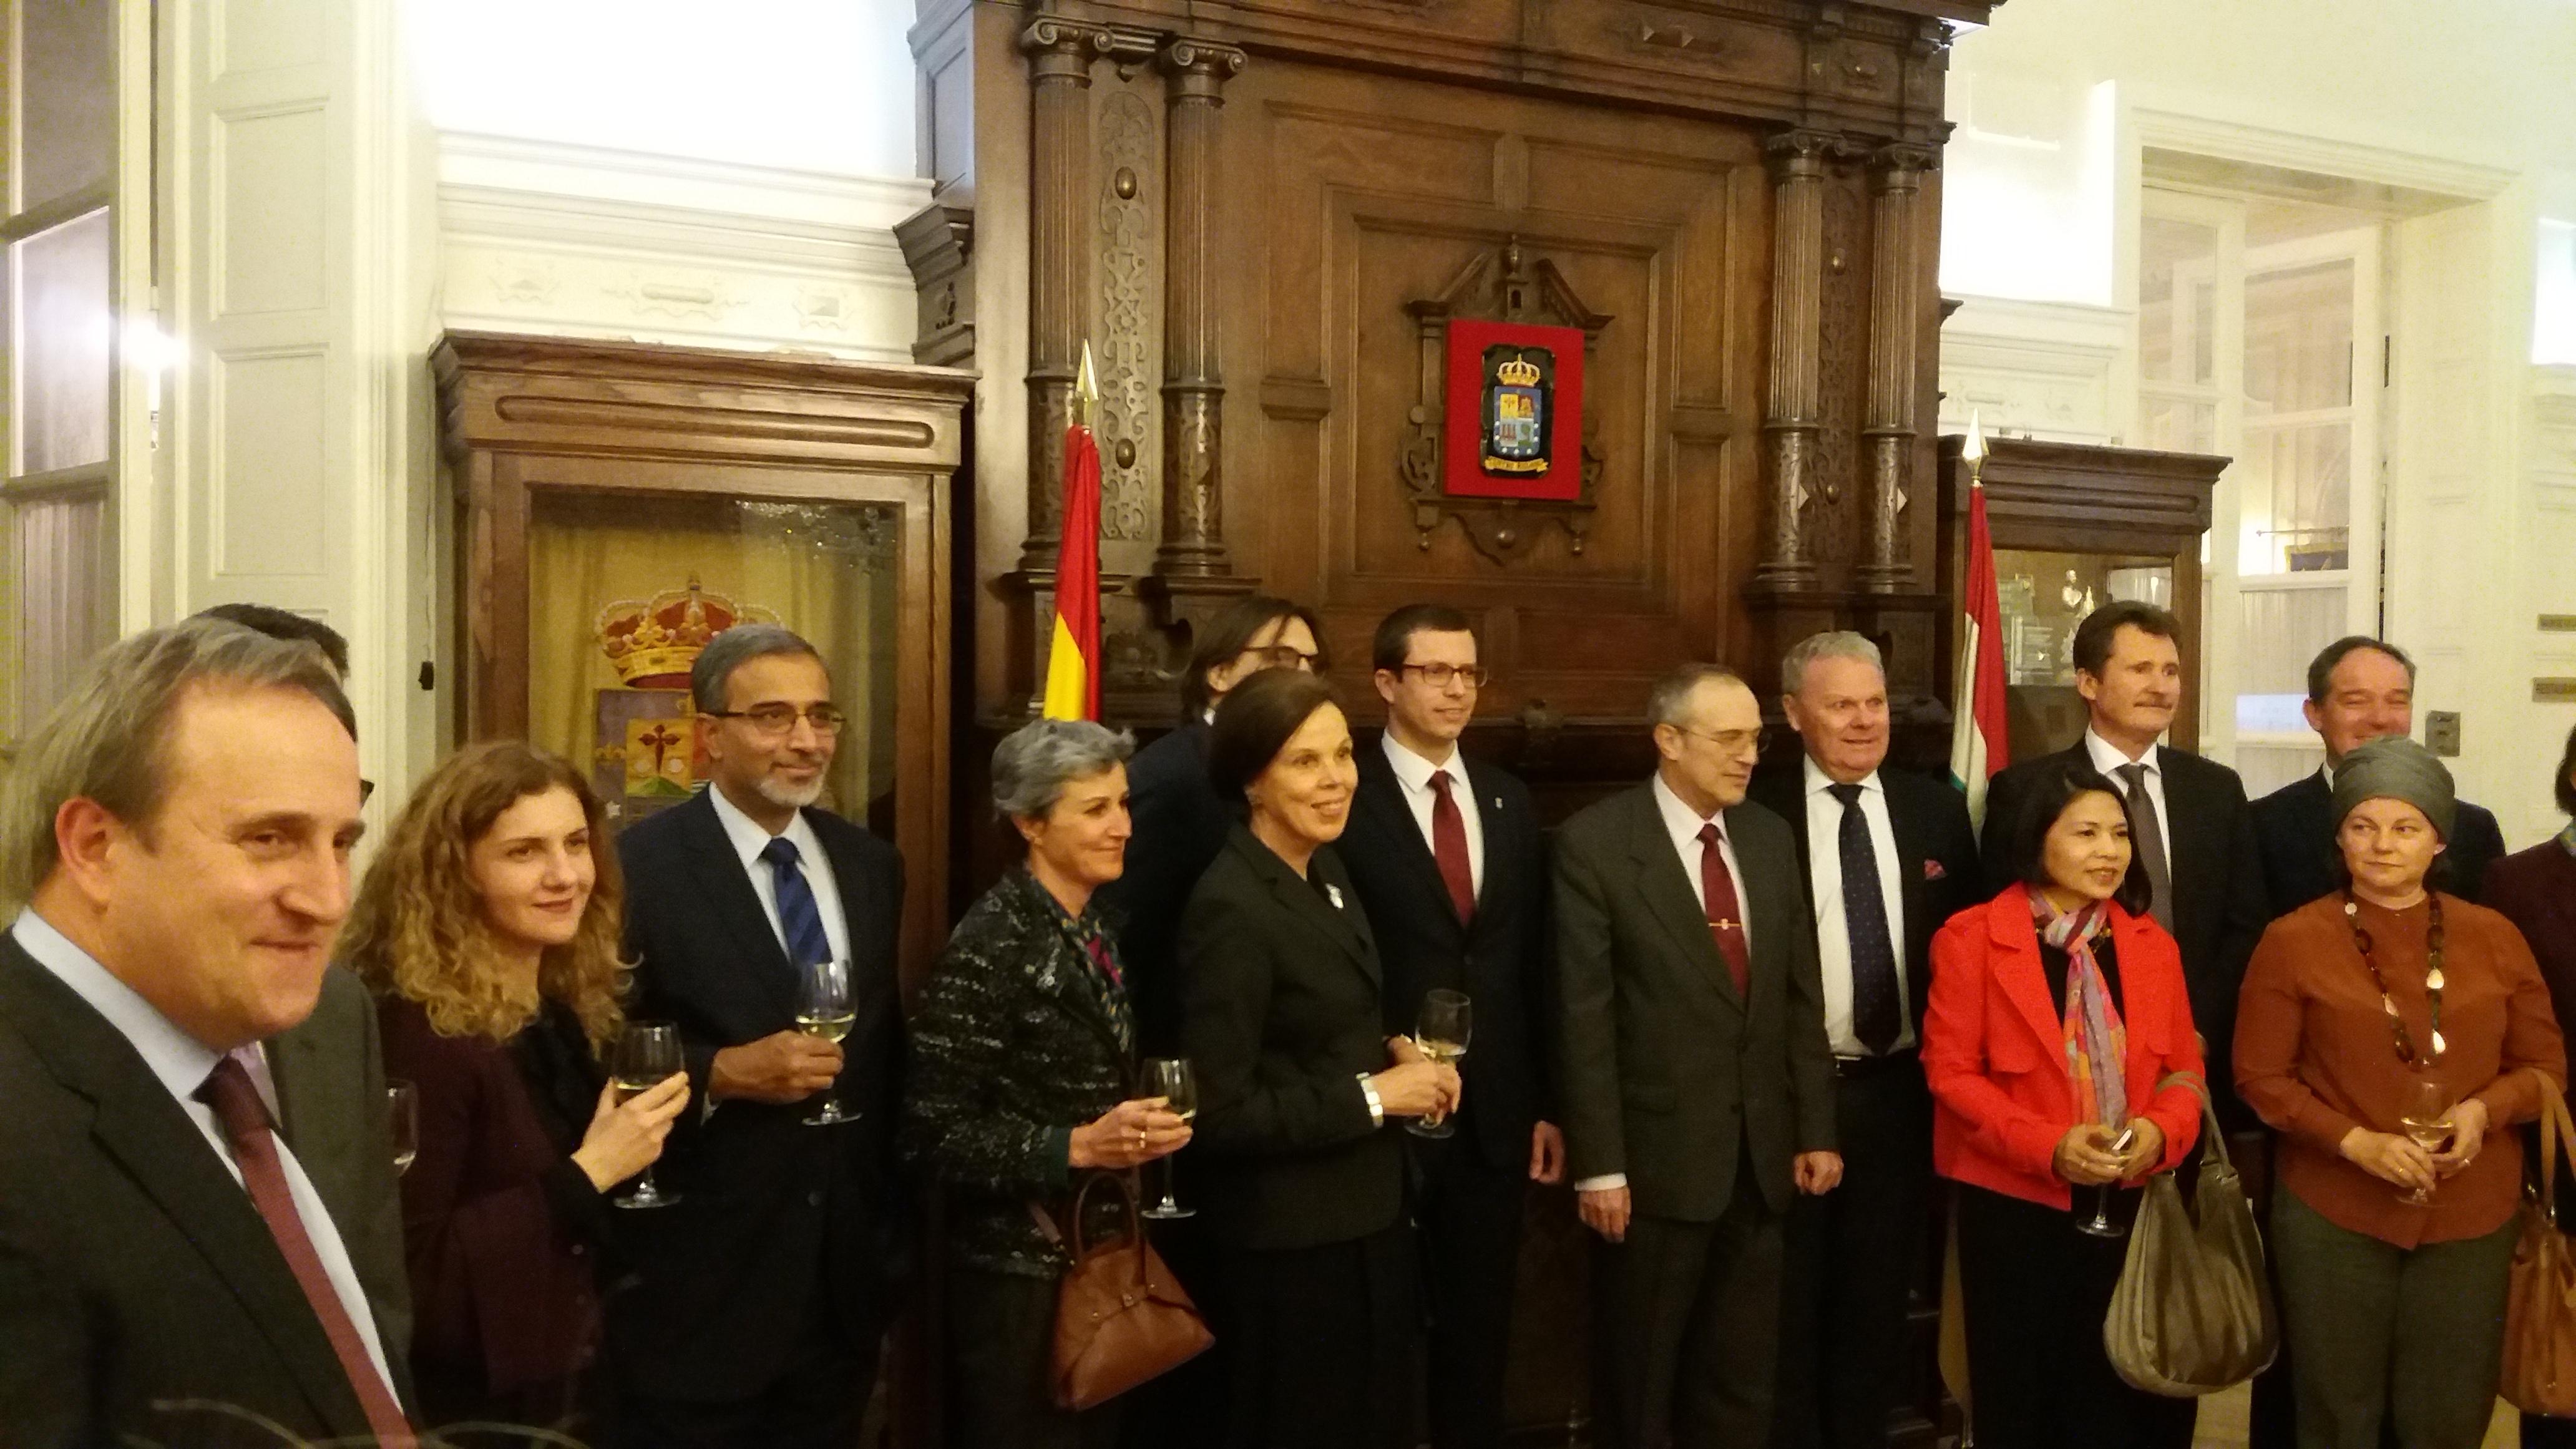 El Centro Riojano de Madrid celebra la Segunda Cata de los Embajadores